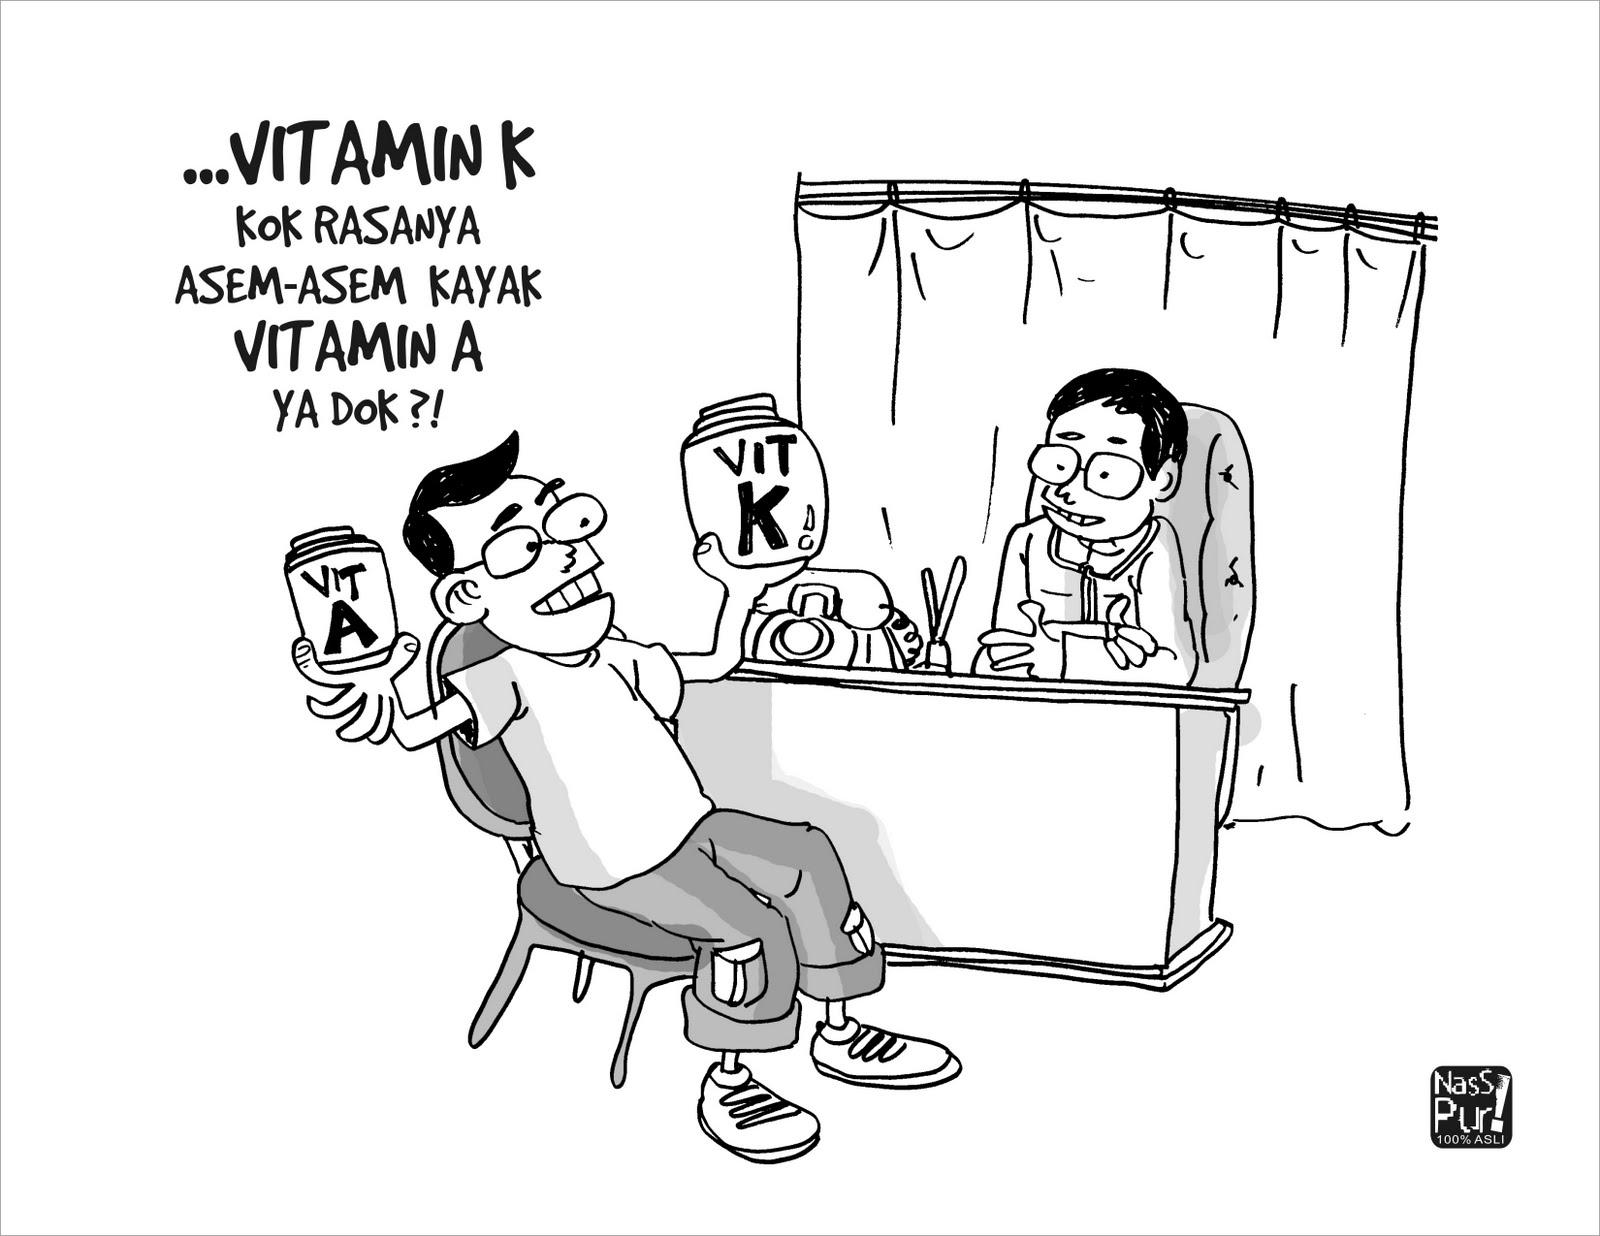 Gambar Kartun Dokter Sedang Memeriksa Pasien